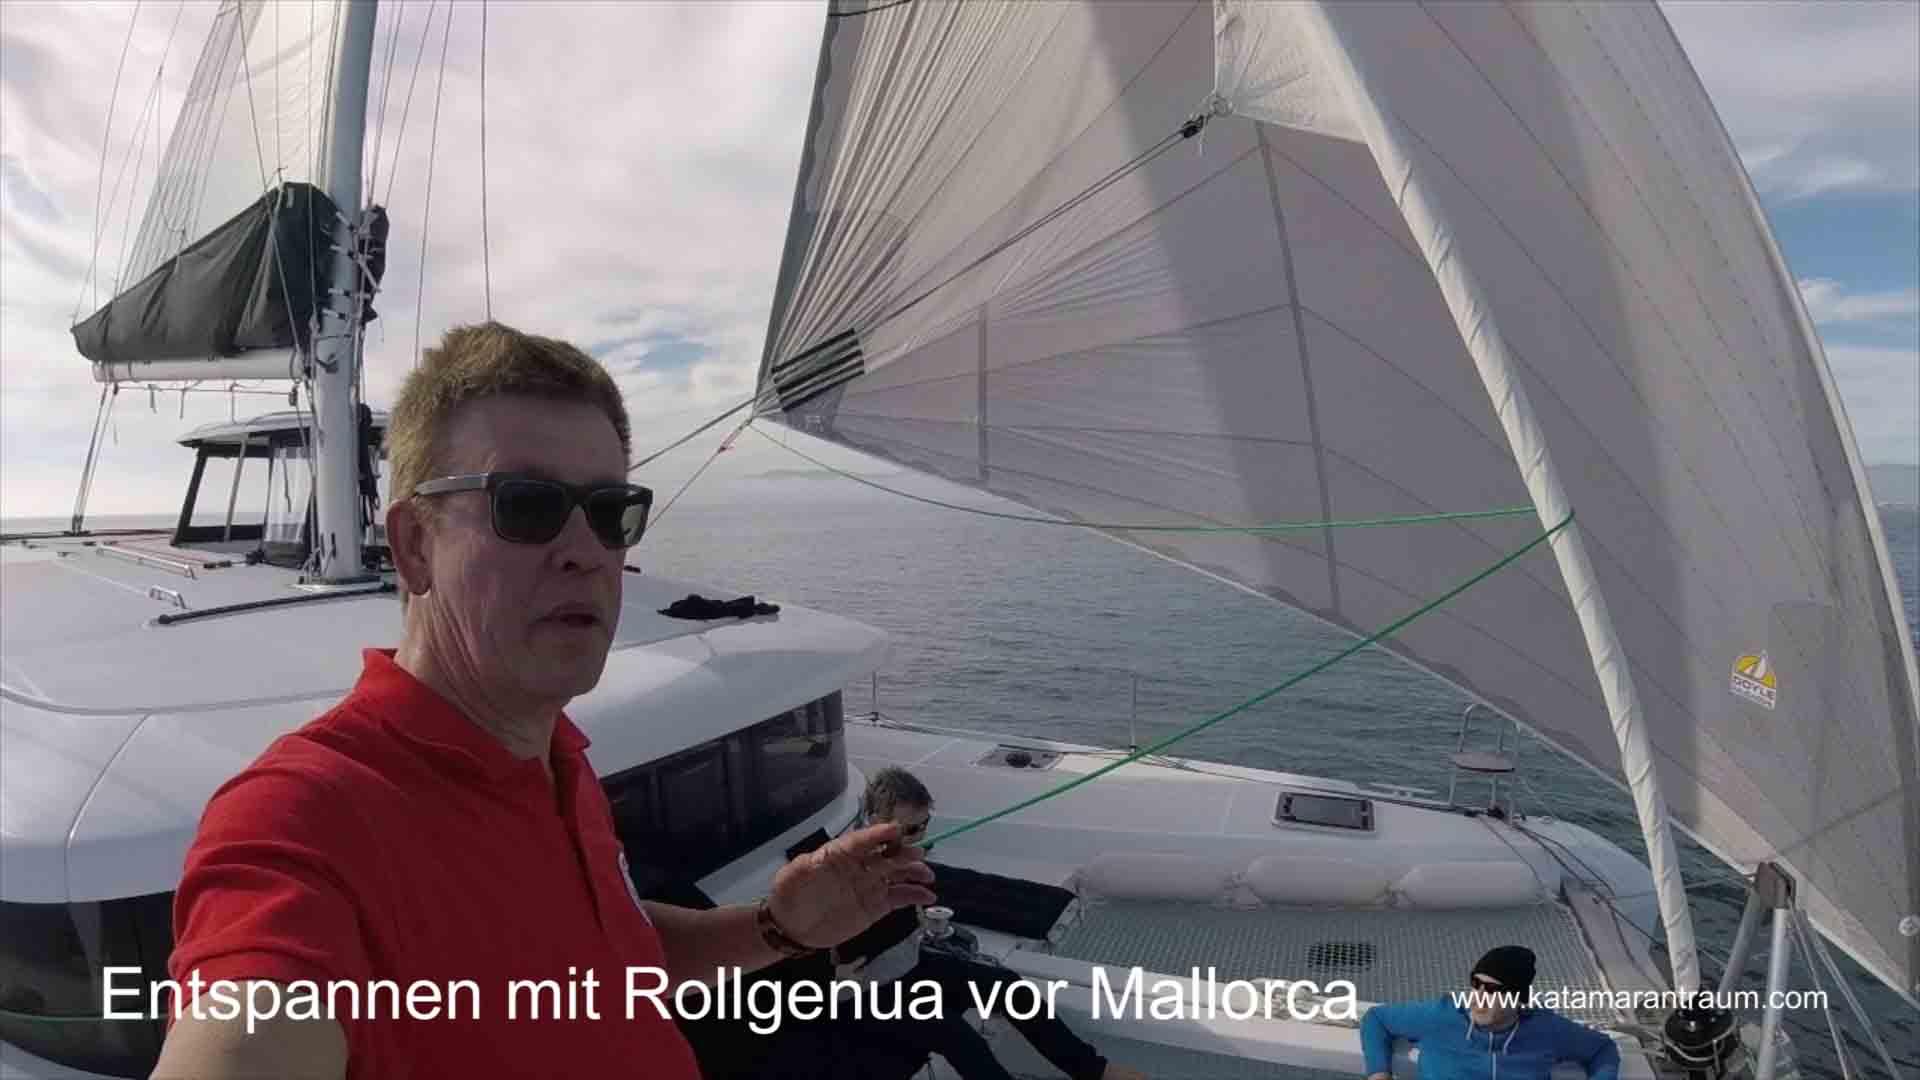 Nach Reparatur von Rollgenau, tseten wir das Vorsegel vor der Küste von Mallorca